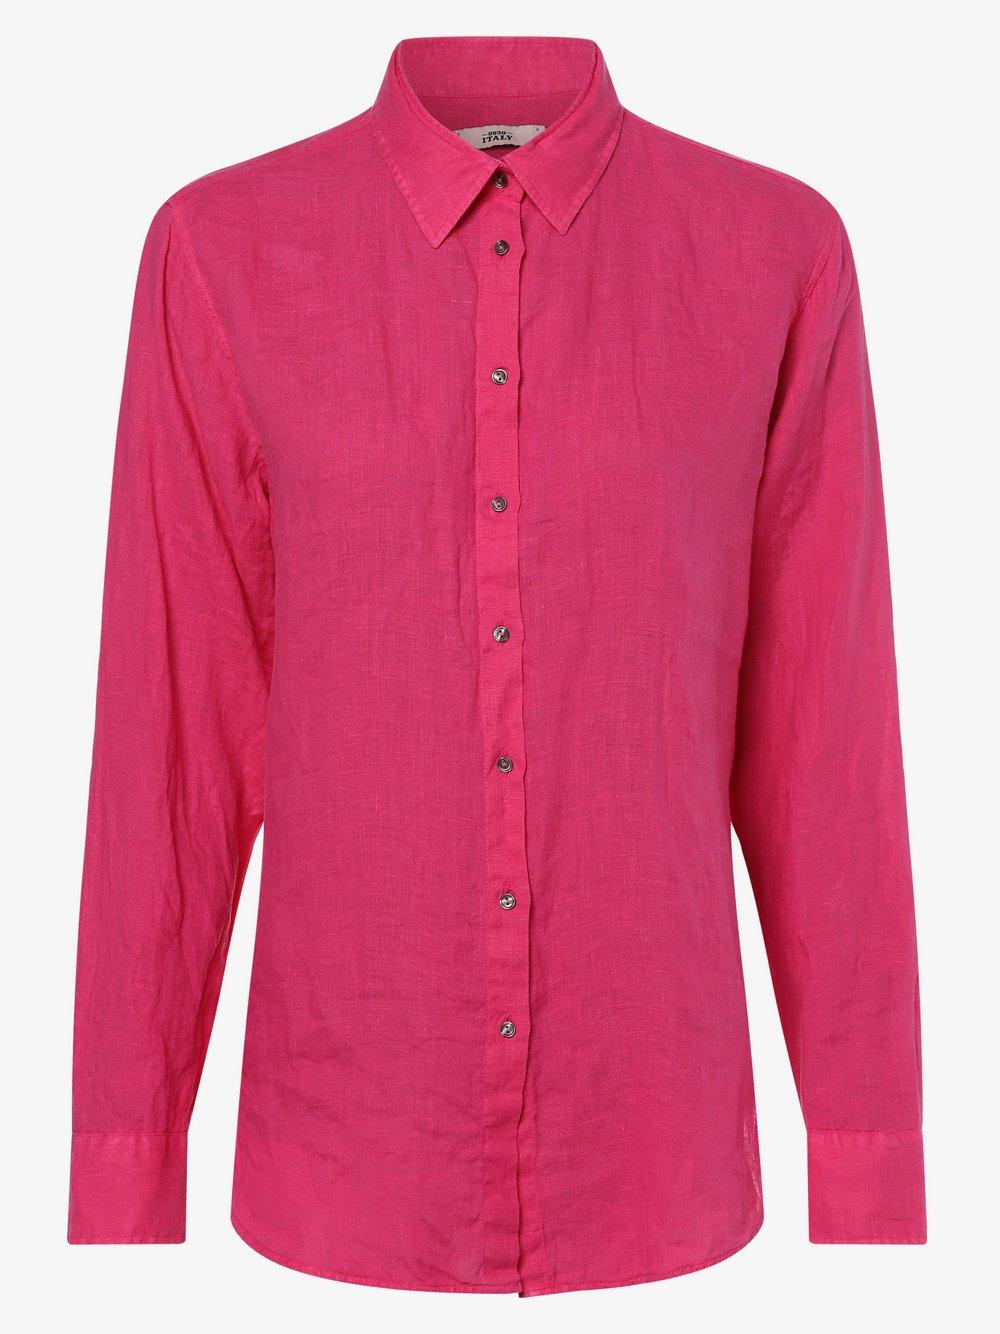 0039 Italy – Lniana bluzka damska – Sanja, różowy Van Graaf 464315-0002-09940